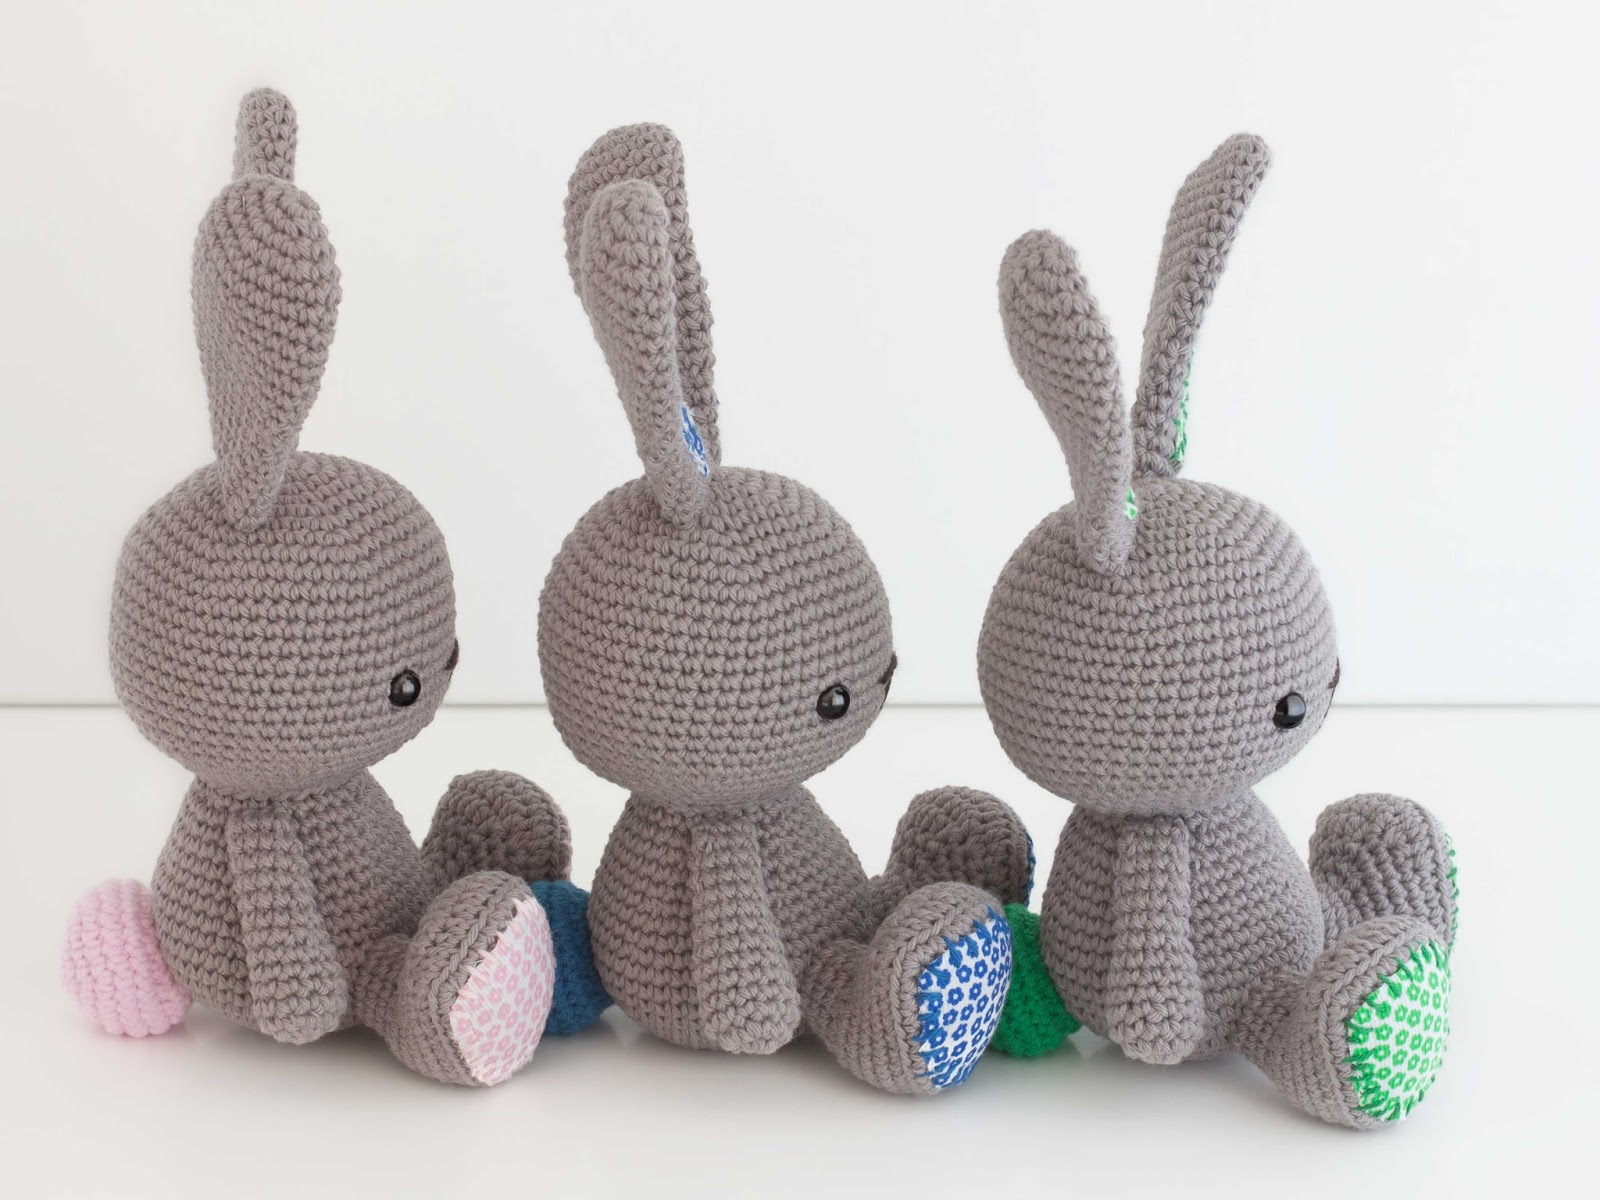 Amigurumi Conejo Paso A Paso : Amigurumis conejos amigurumis crochet osos perros conejos bahía